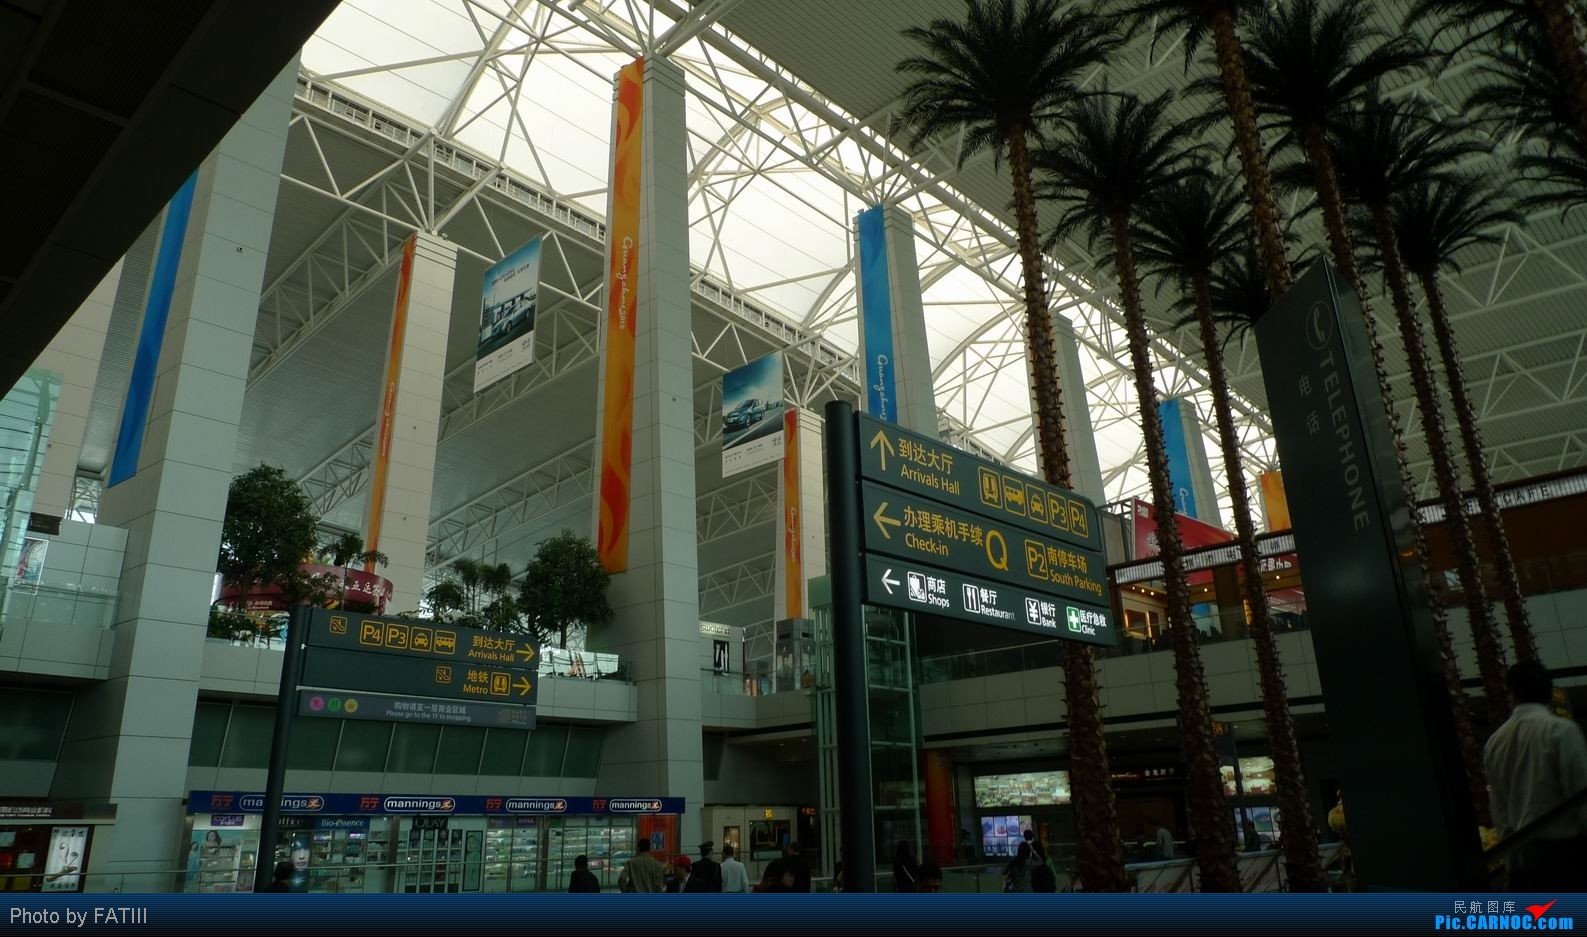 >>[原创]白云机场随便拍,贺广州地铁三号线北沿线(机场线)今天开通